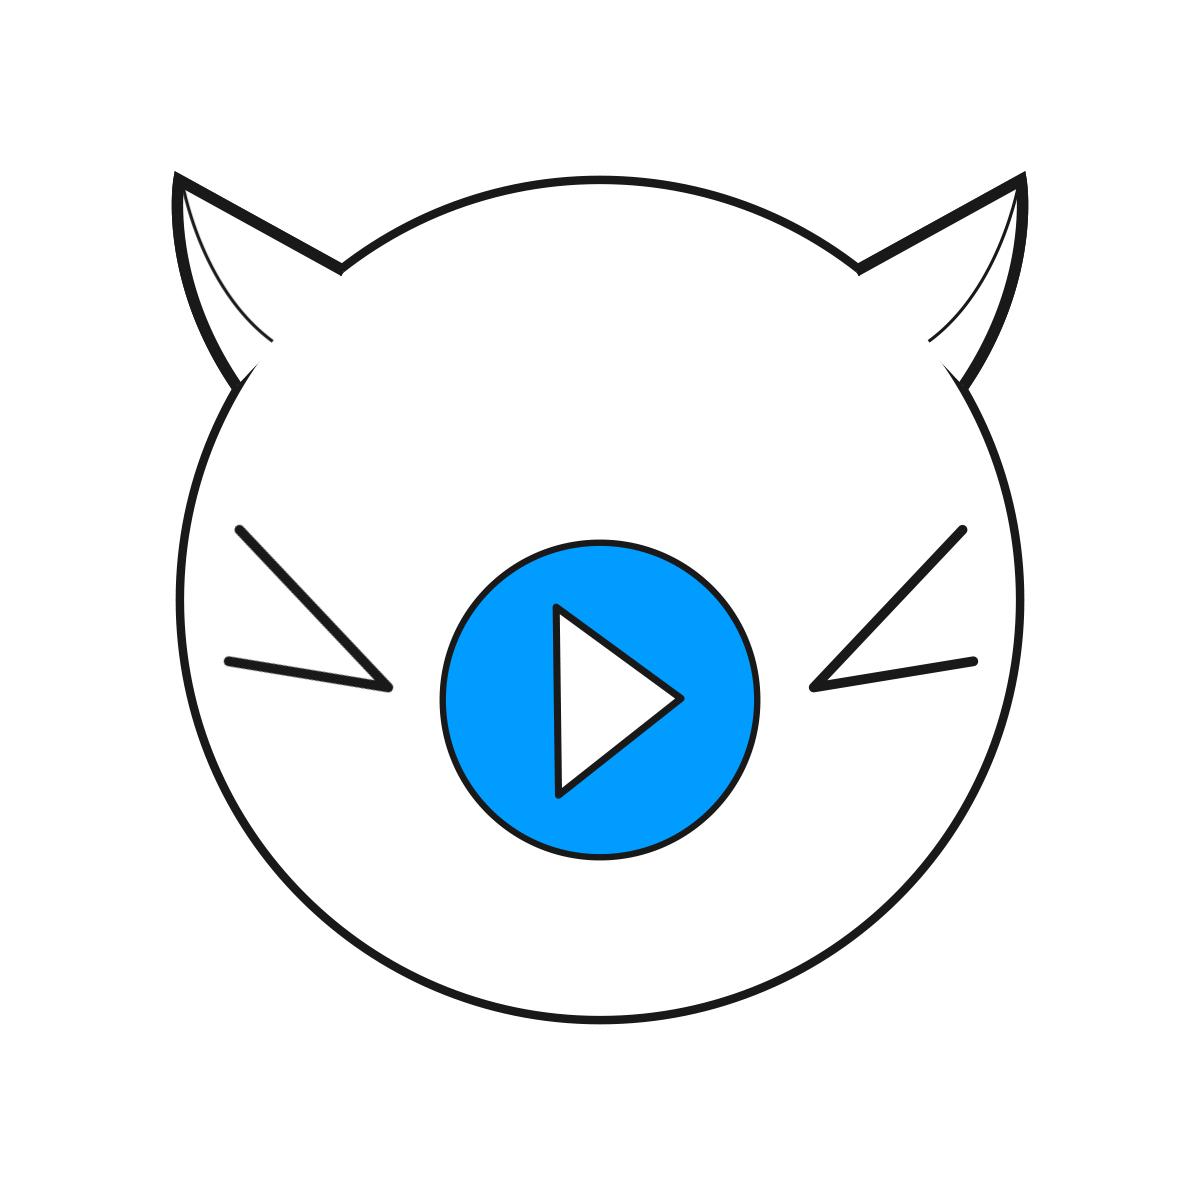 封神榜mp4下载_姜子牙:天尊,我不做工具人啦!-爱哔哩(B站视频、音频mp3解析 ...